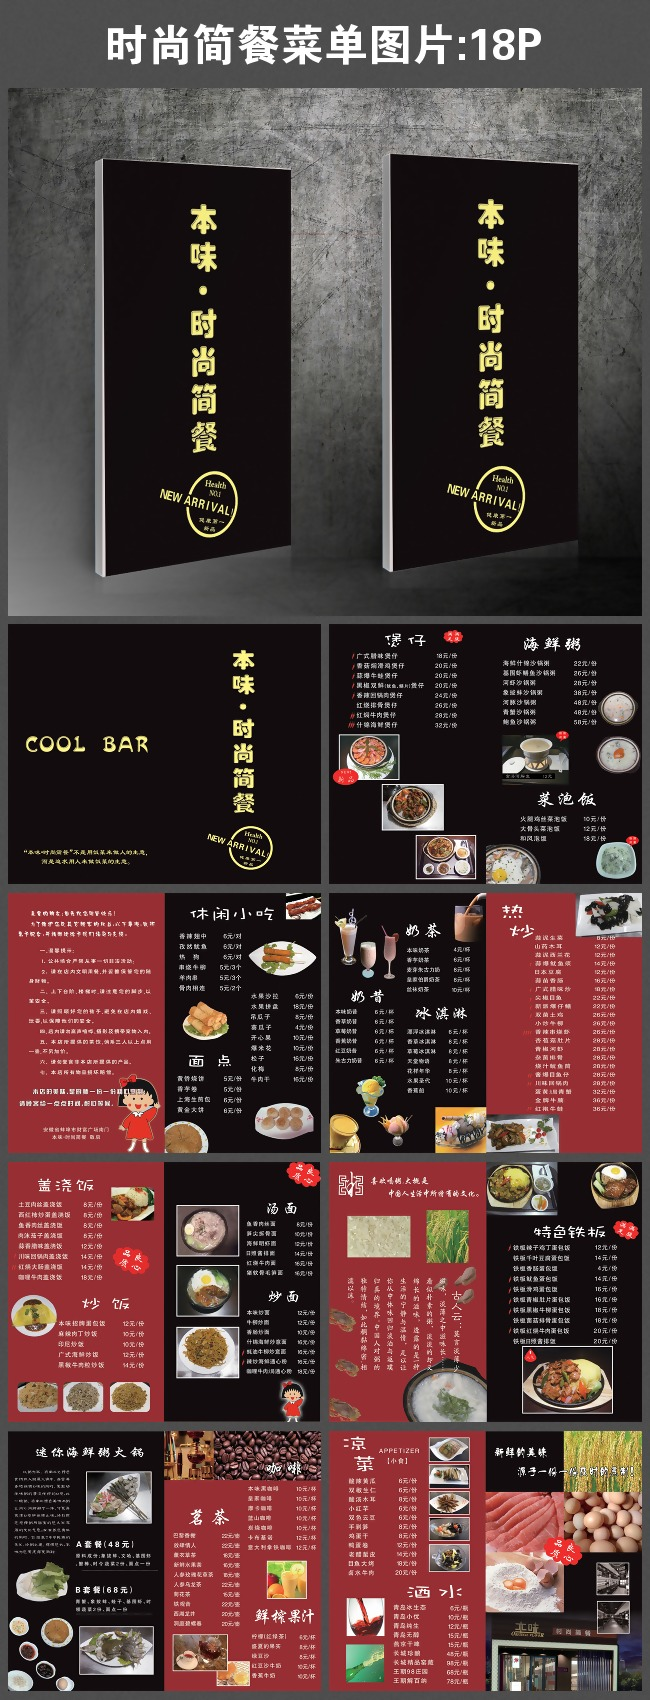 时尚简餐菜单图片-菜单|菜谱设计-画册设计